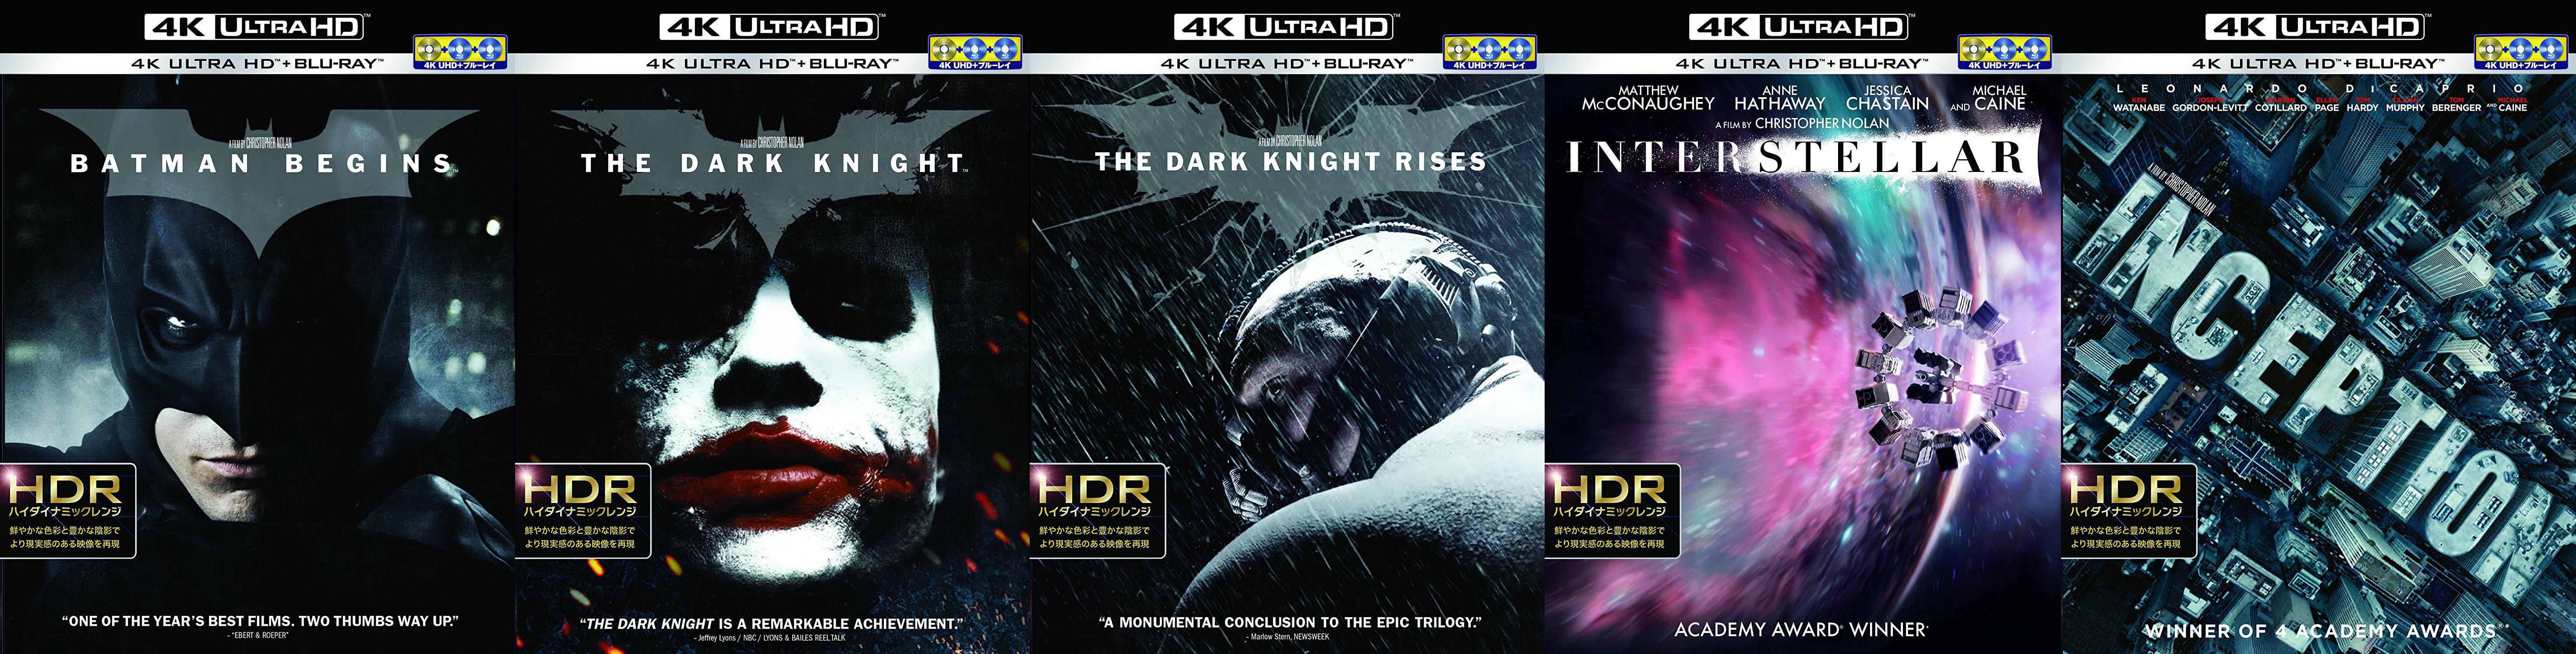 クリストファー・ノーラン バットマン ダークナイト インターステラー インセプション 4K UHD Ultra HD